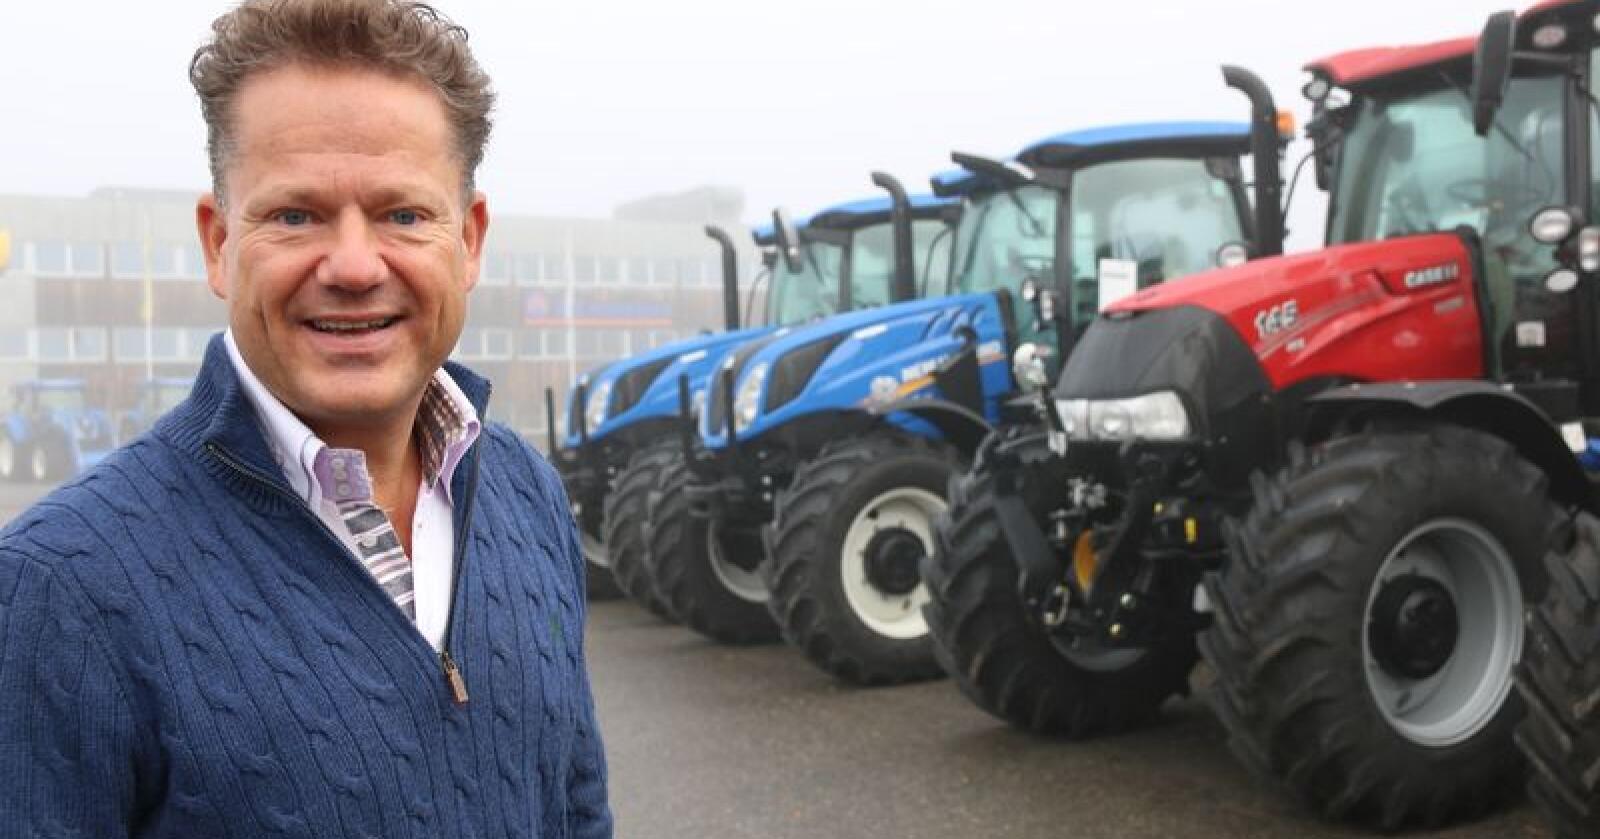 Administrerende Direktør i A-K maskiner Erik Grefberg lover fortsatt virksomhet ved eiendommene som nå er kjøpt av Akerhus Traktor. (Foto: Dag Idar Jøsang)